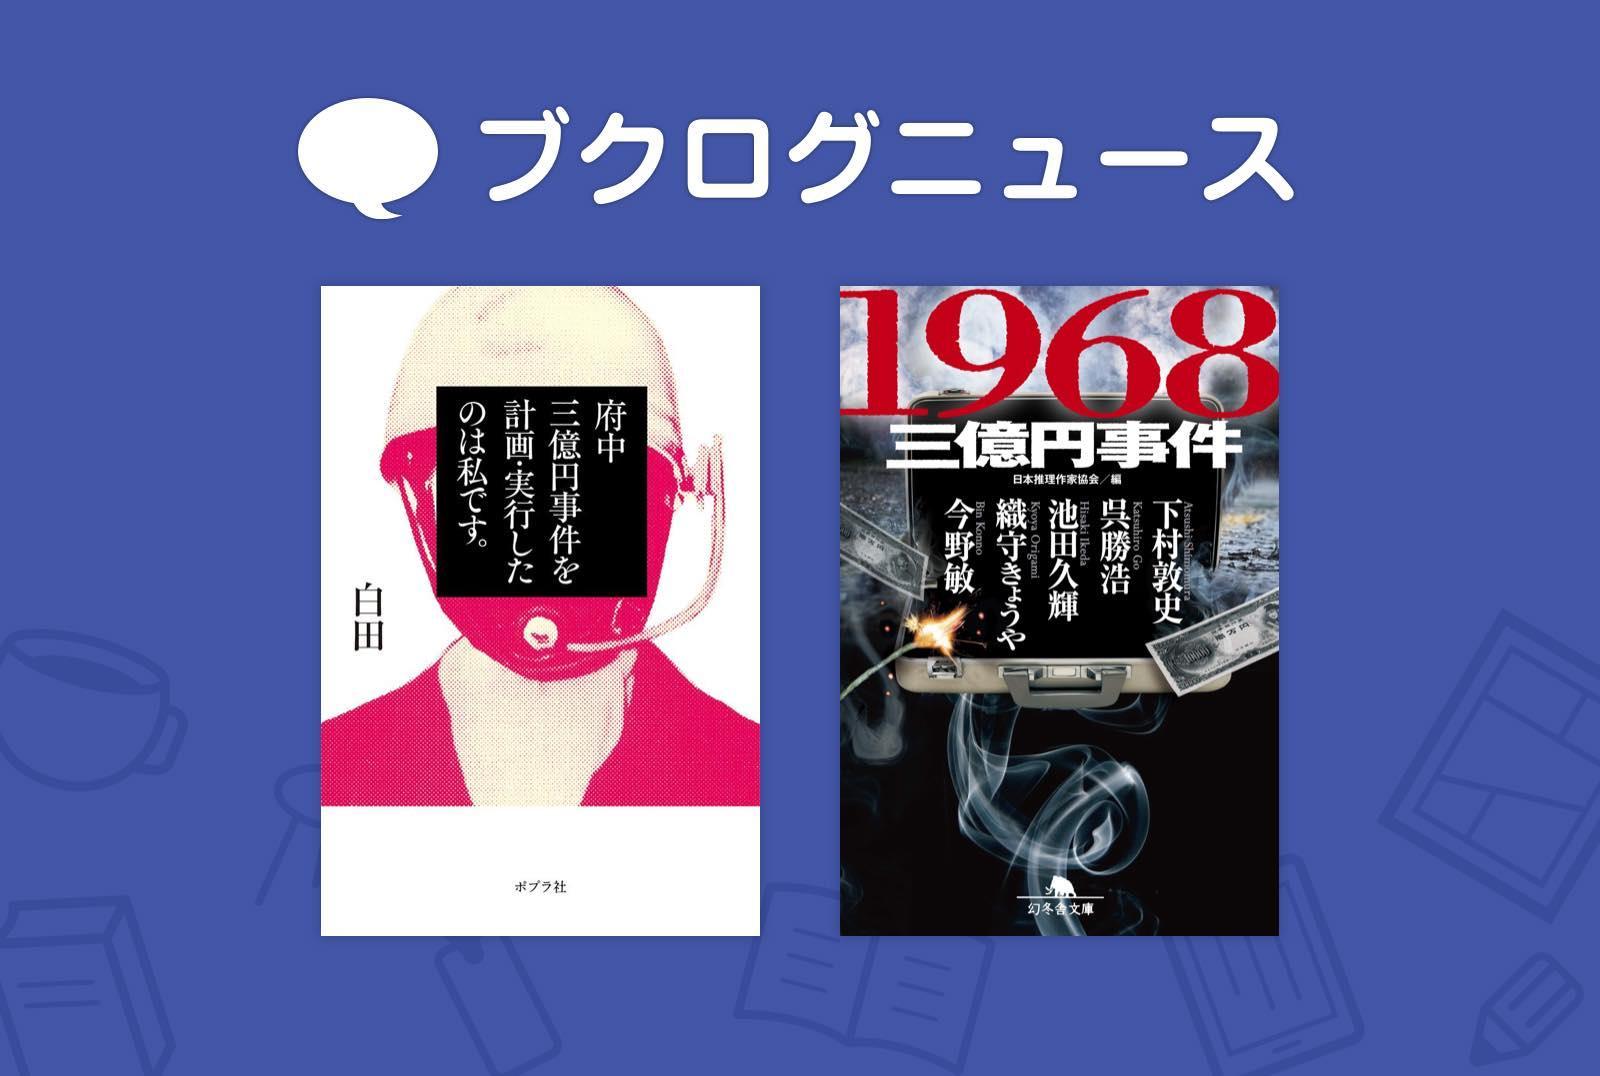 三億円事件の犯人に迫る作品『府中三億円事件を計画・実行したのは私です。』『1968 三億円事件』含め5作